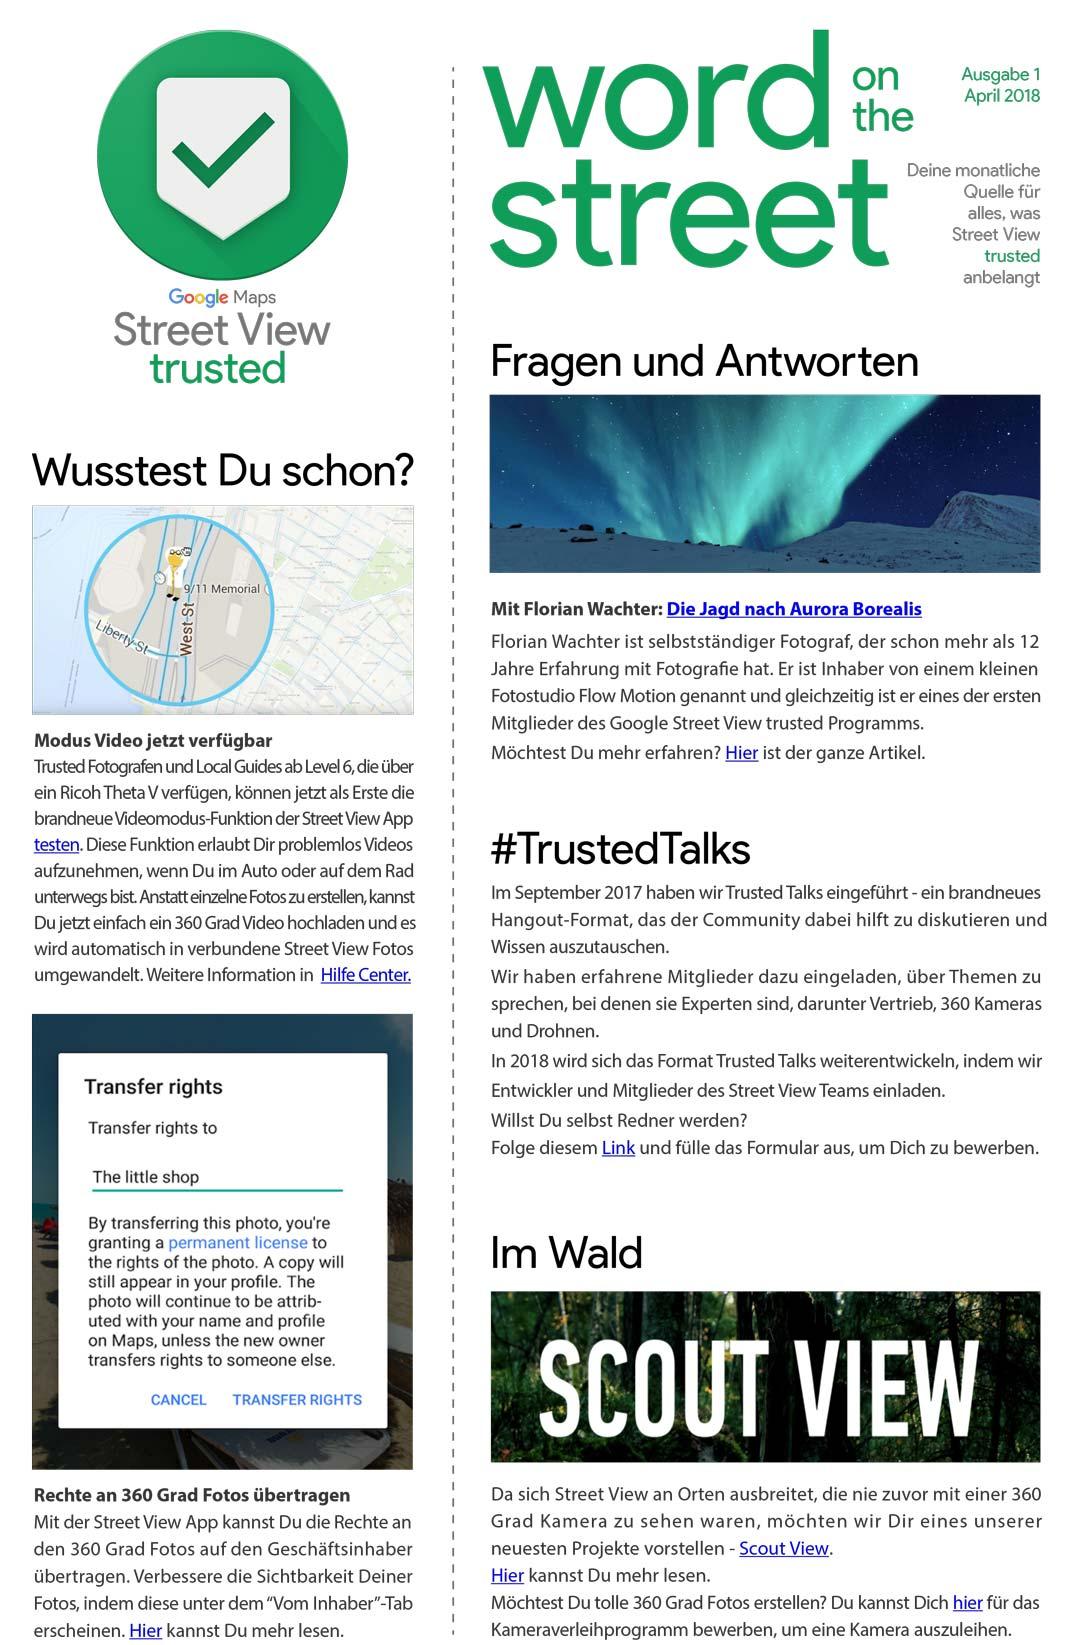 Ausgezeichnet Monatlicher Newsletter Zeitgenössisch - FORTSETZUNG ...